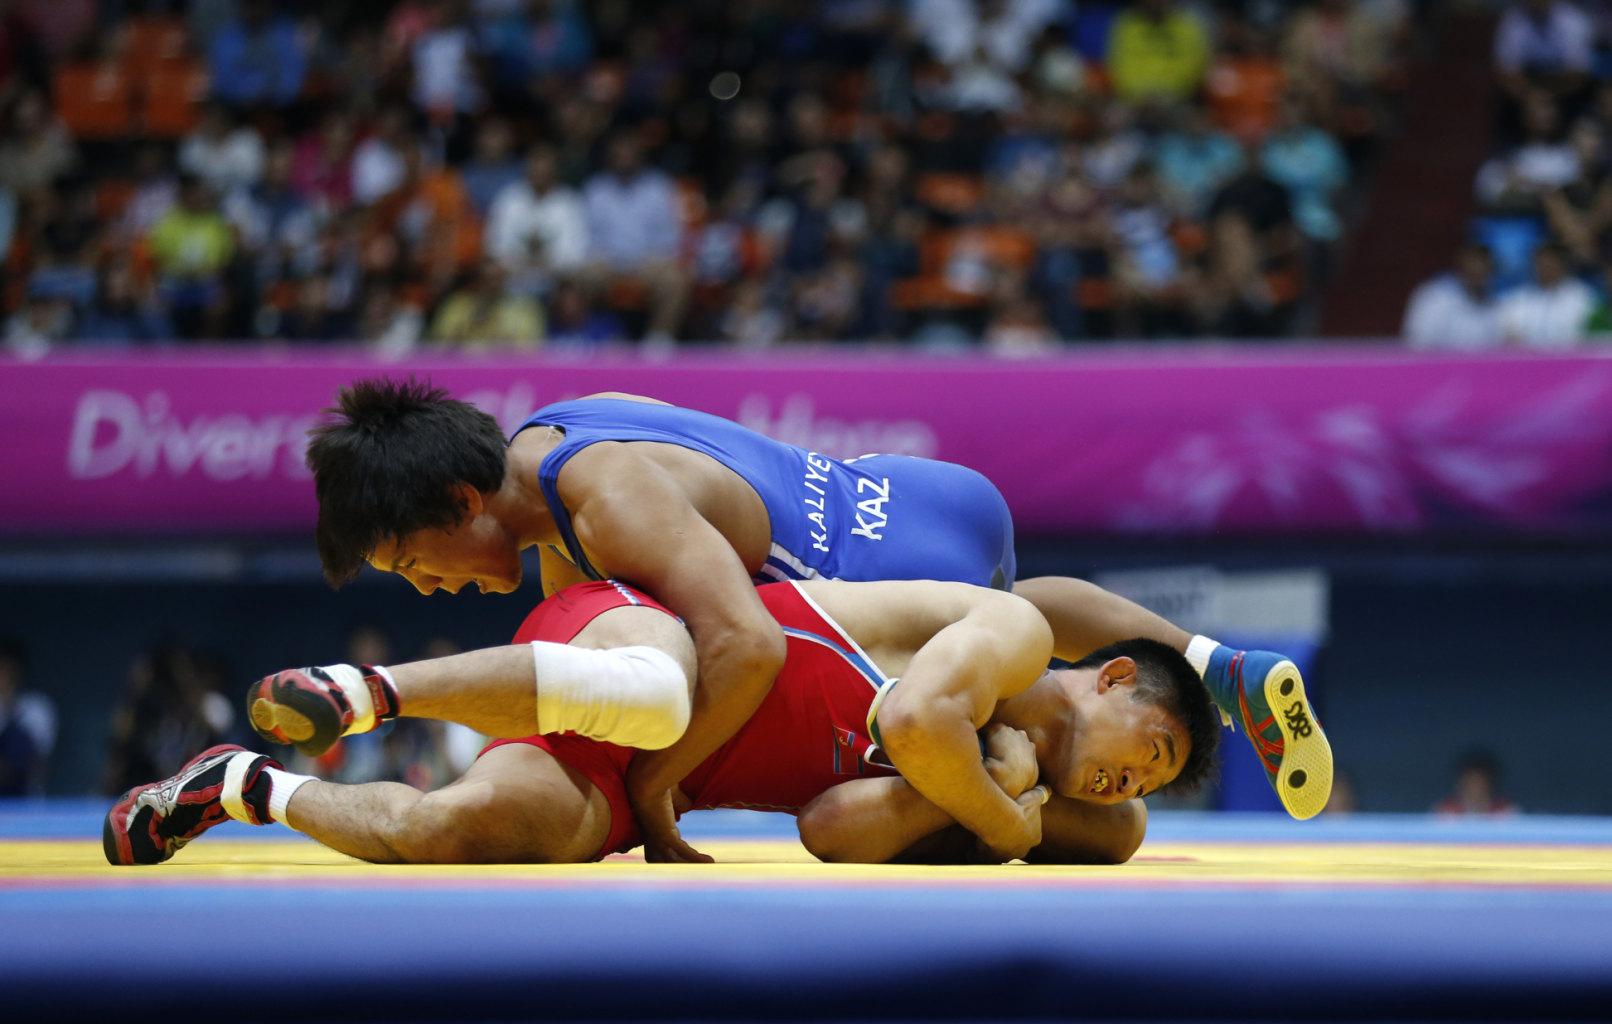 بازی های آسیایی (کشتی): مدال آوران  امروز